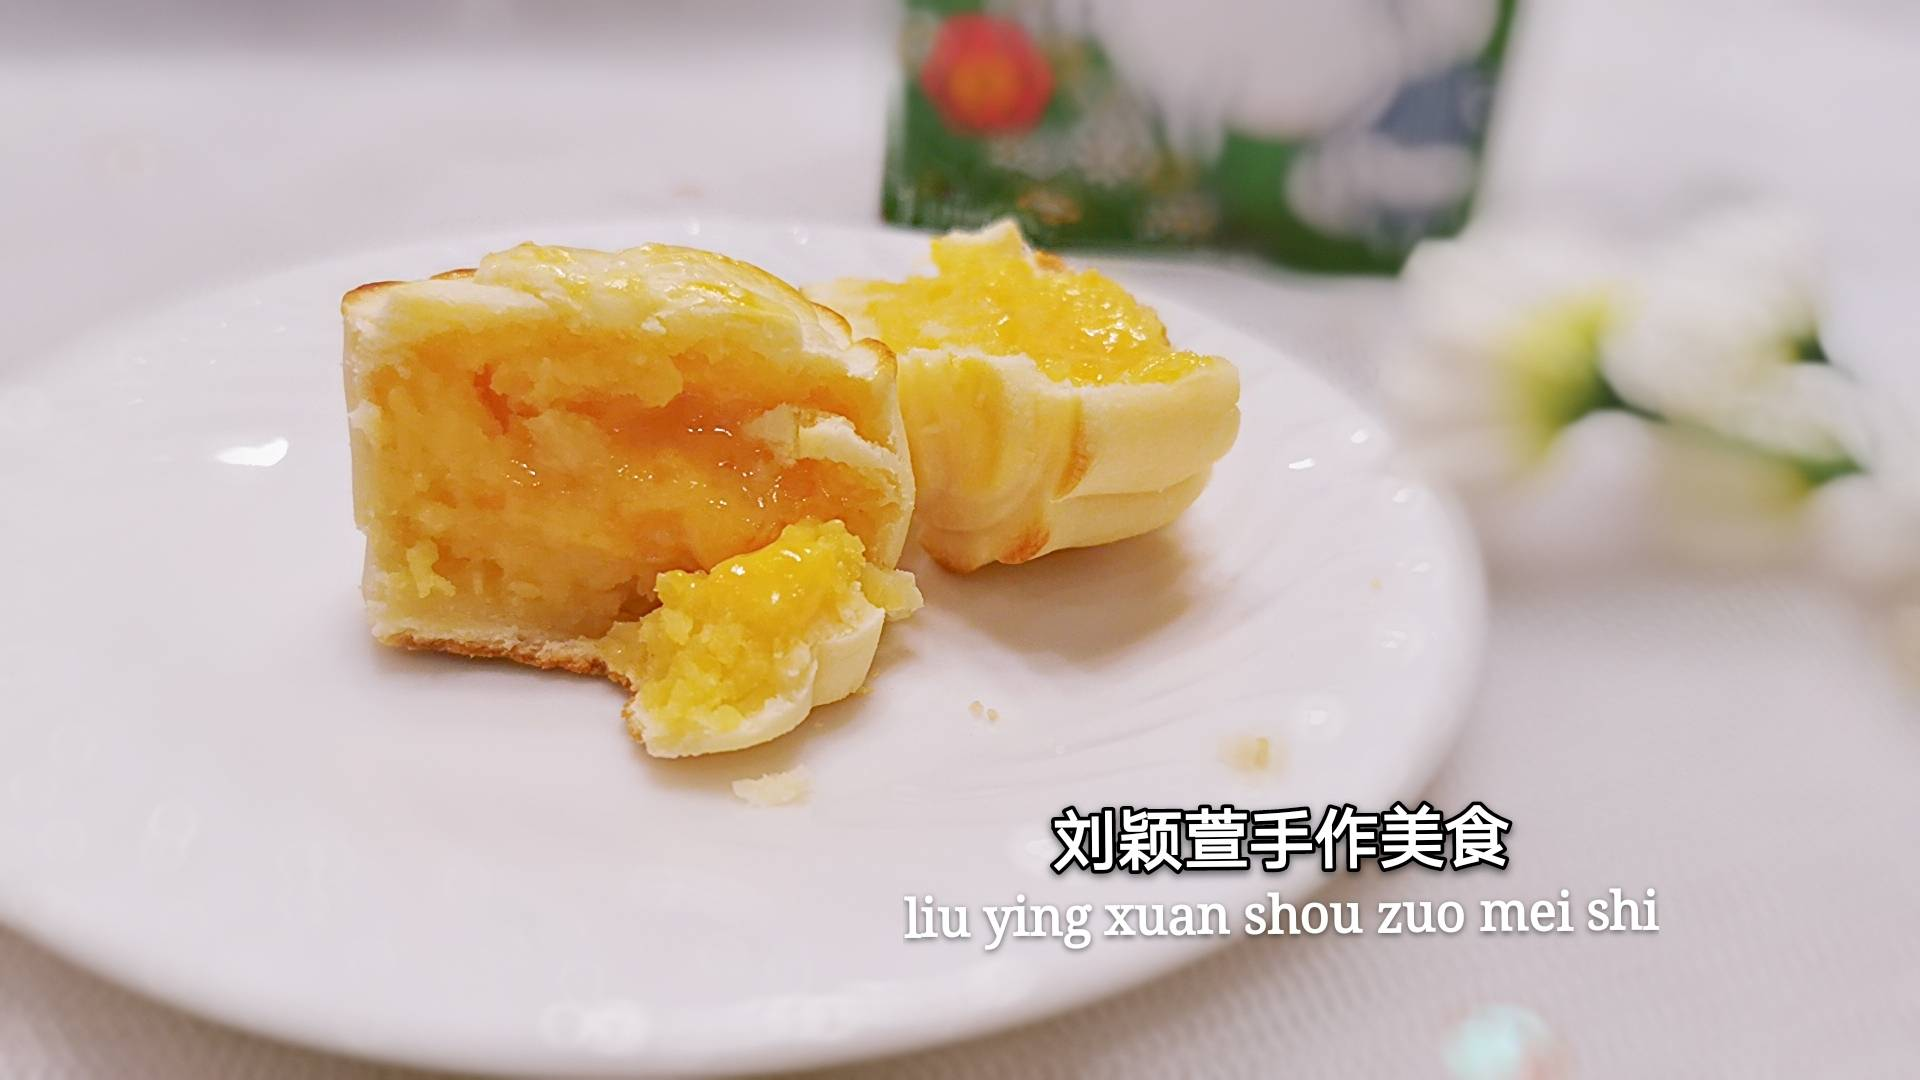 古城美食~刘颖萱手作超香酥皮奶黄流心月饼